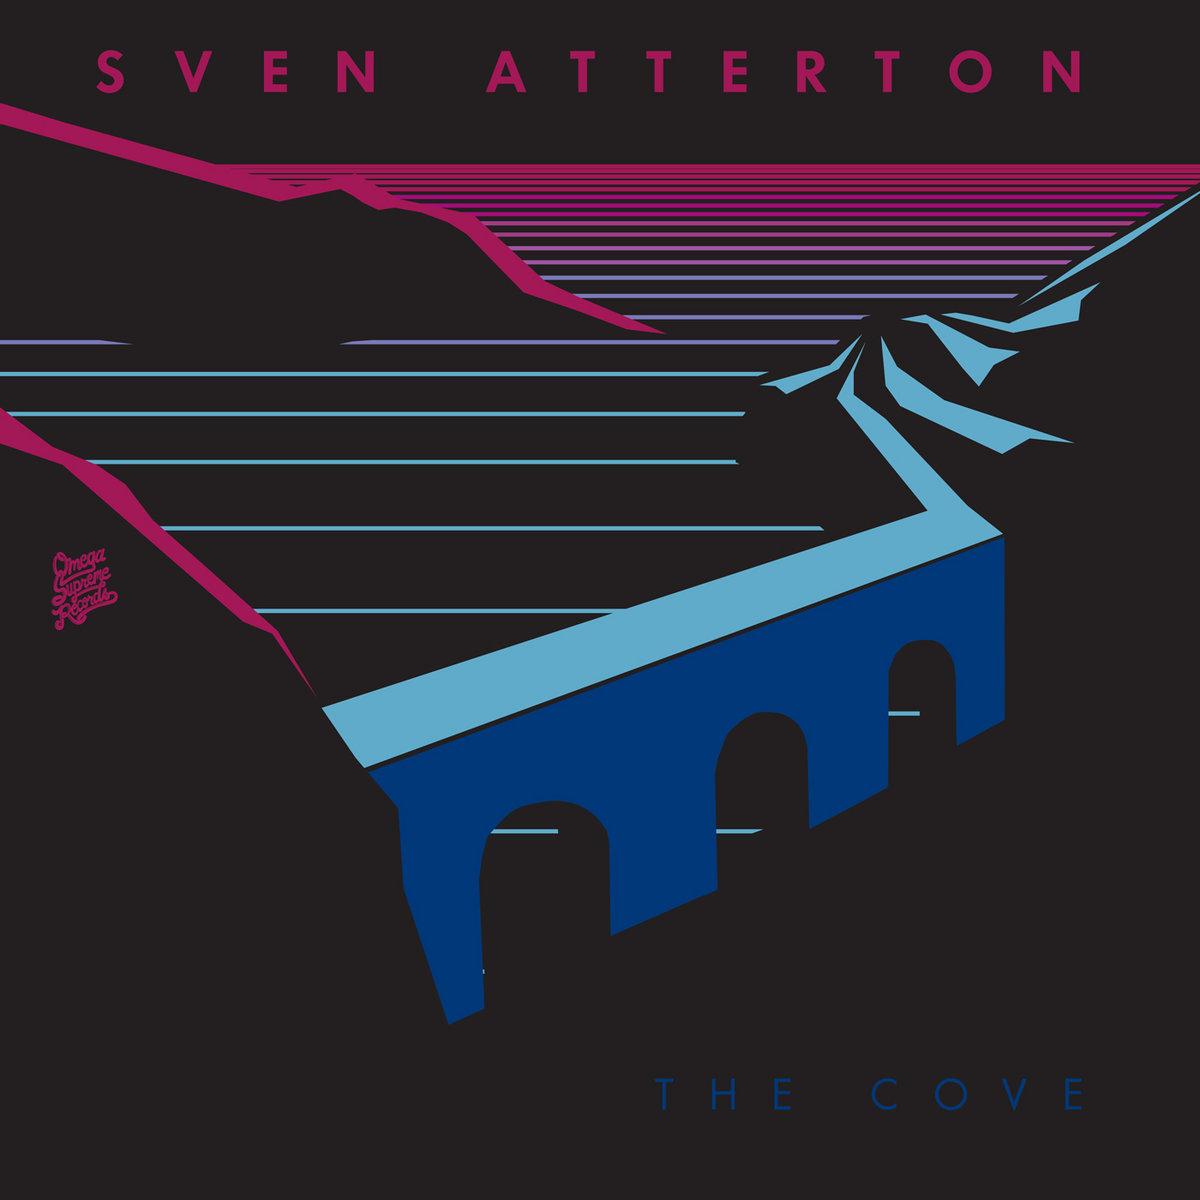 SVEN ATTERTON - THE COVE | Omega Supreme Records